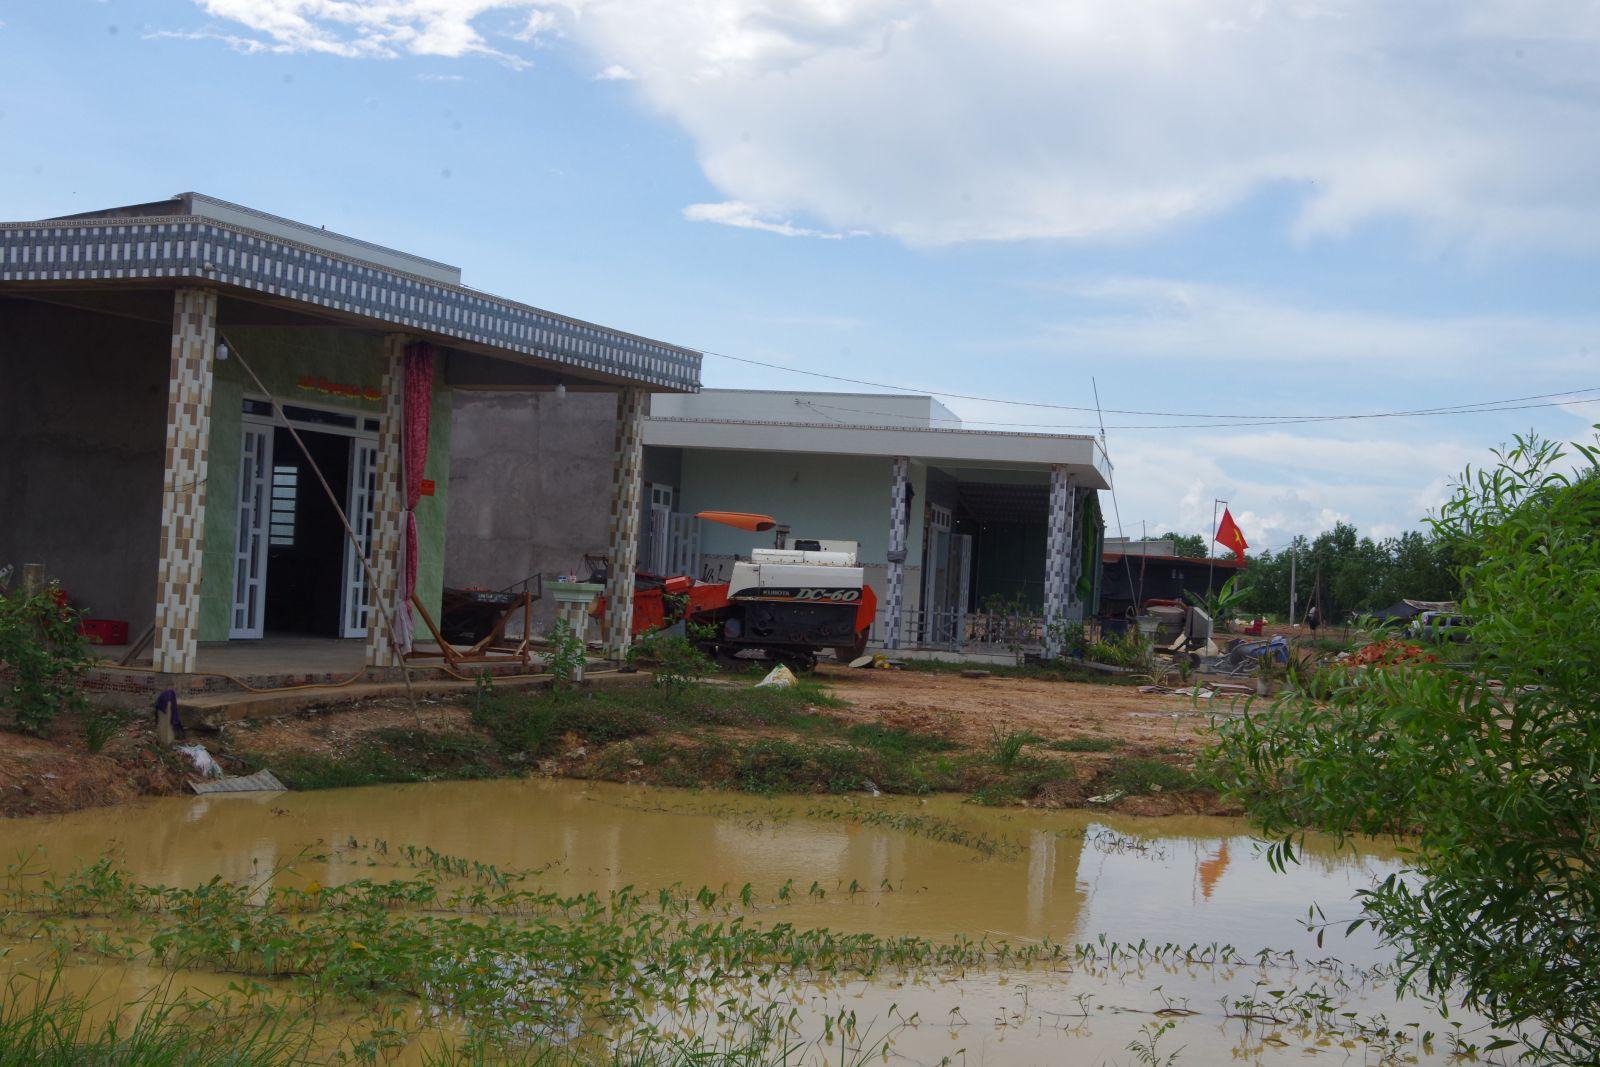 Những căn nhà trong Điểm dân cư liền kề chốt dân quân Thái Bình Trung tạo diện mạo mới trên tuyến biên giới